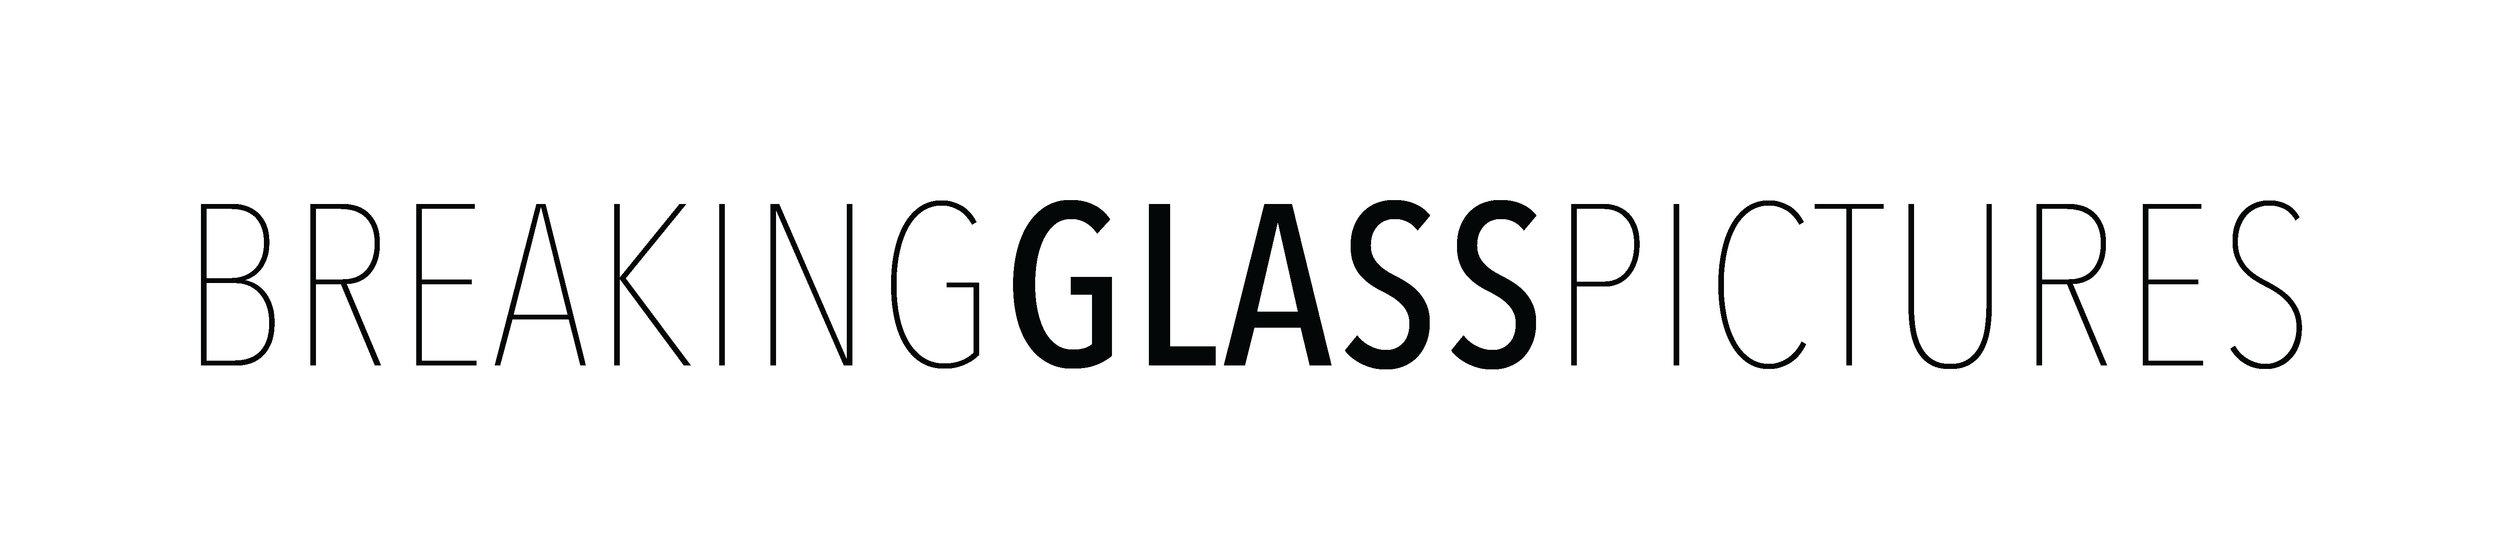 bgp logo.jpeg